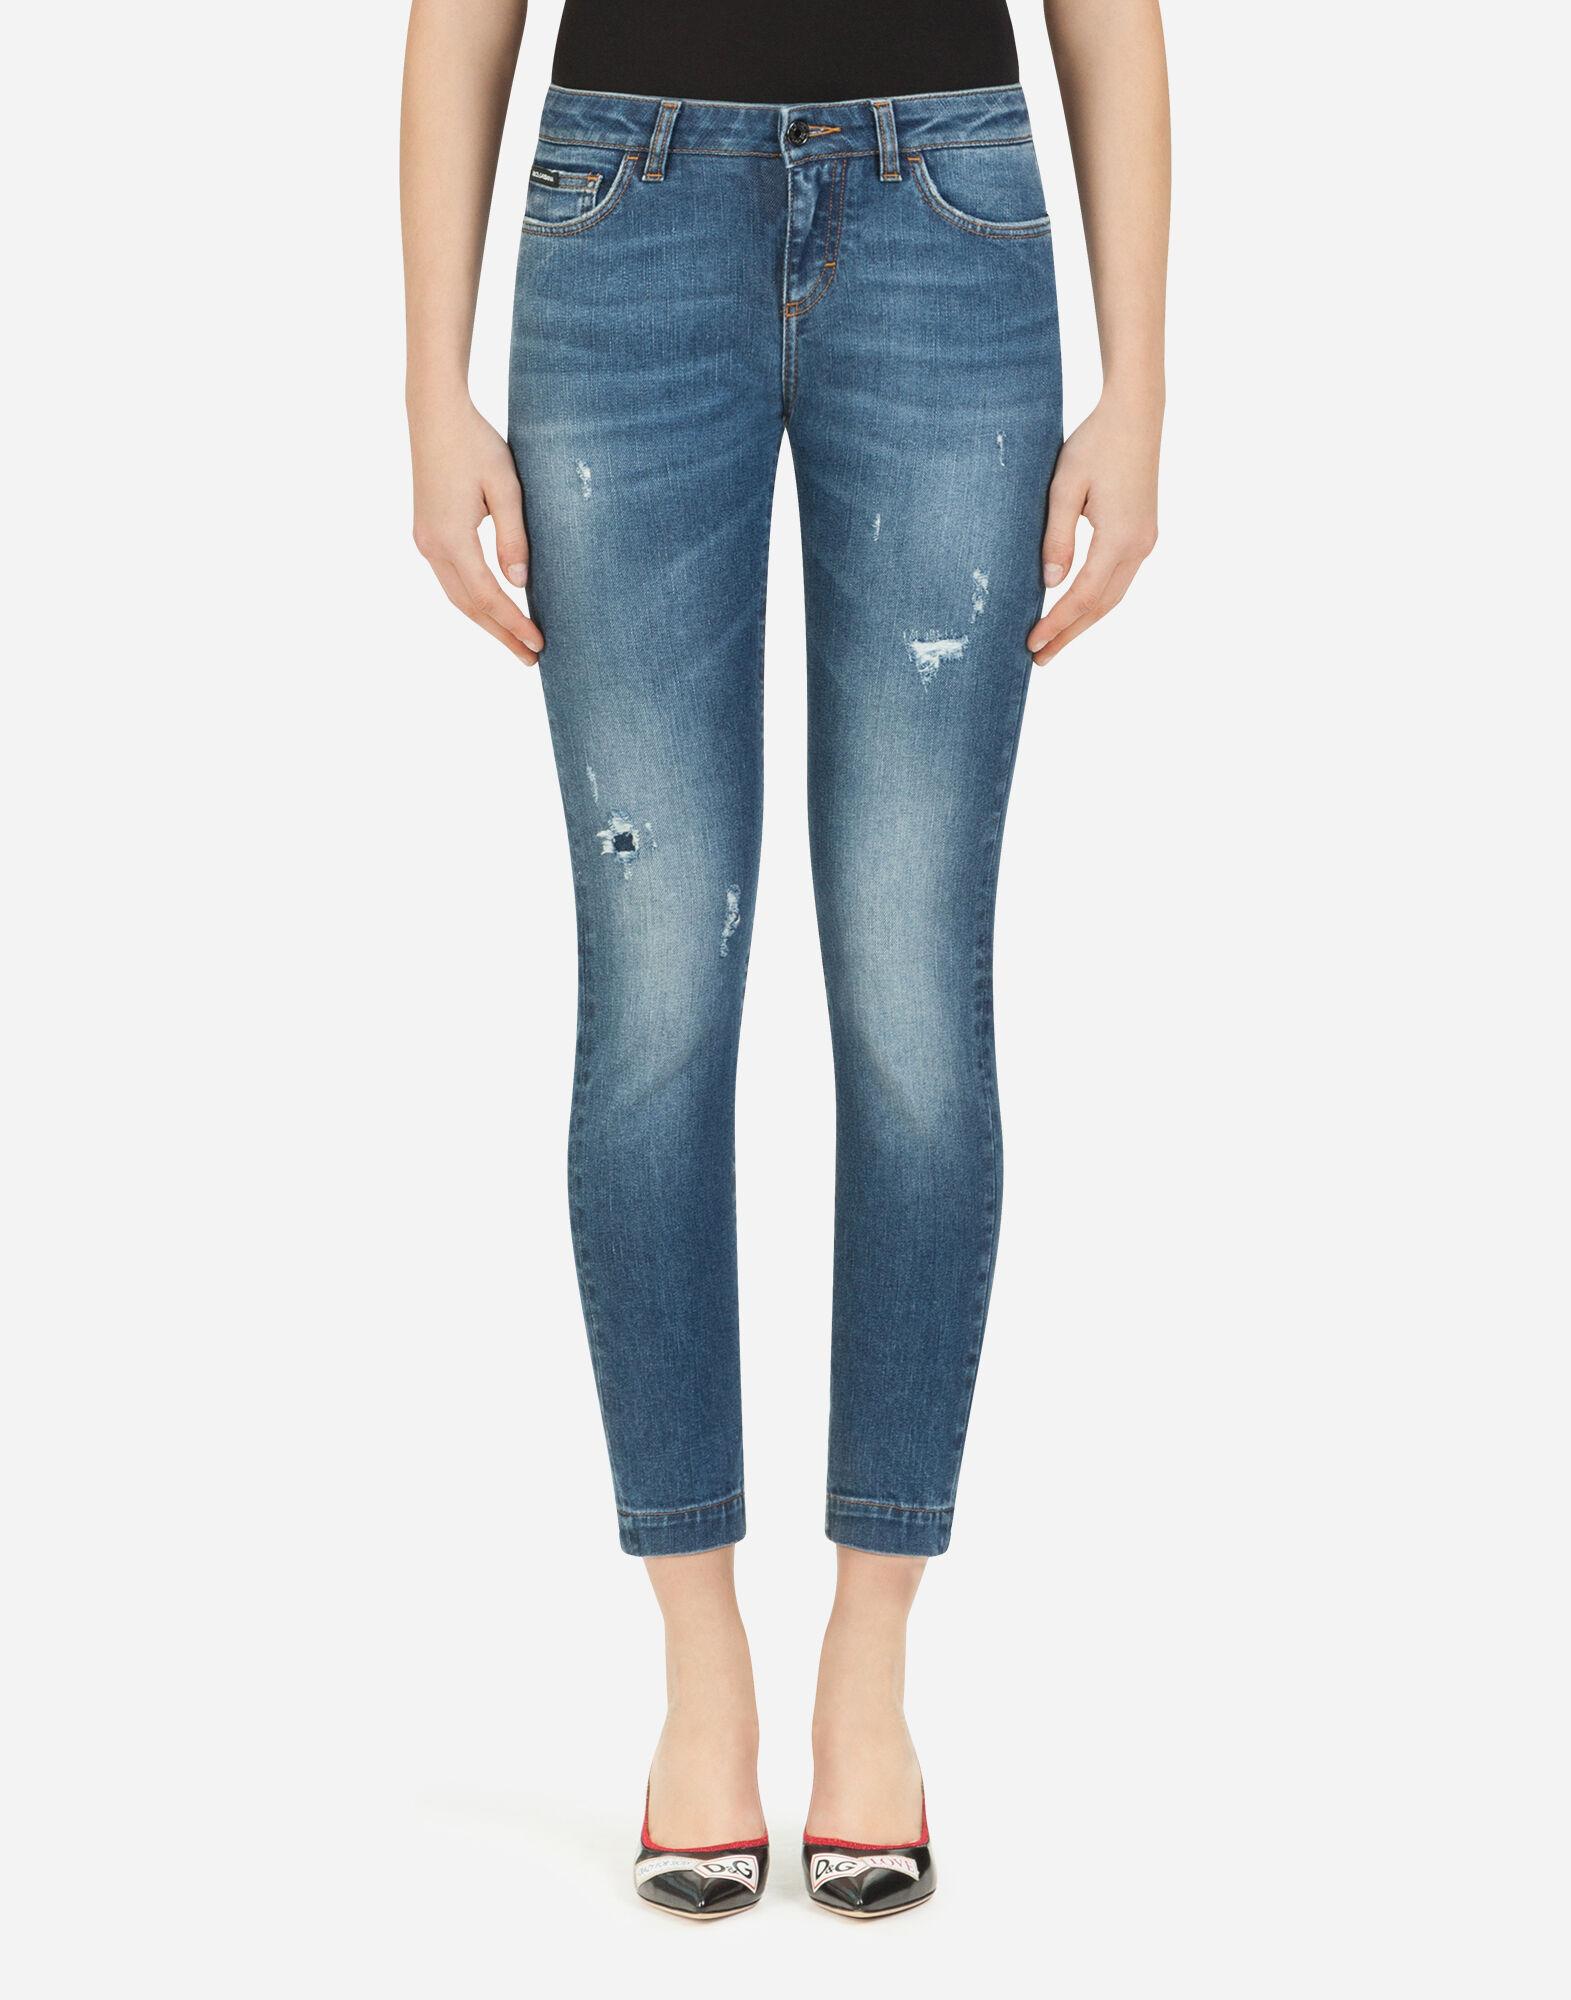 Damen Jeans: alle Denim Formen | Dolce&Gabbana JEANS PRETTY FIT AUS STRETCHDENIM